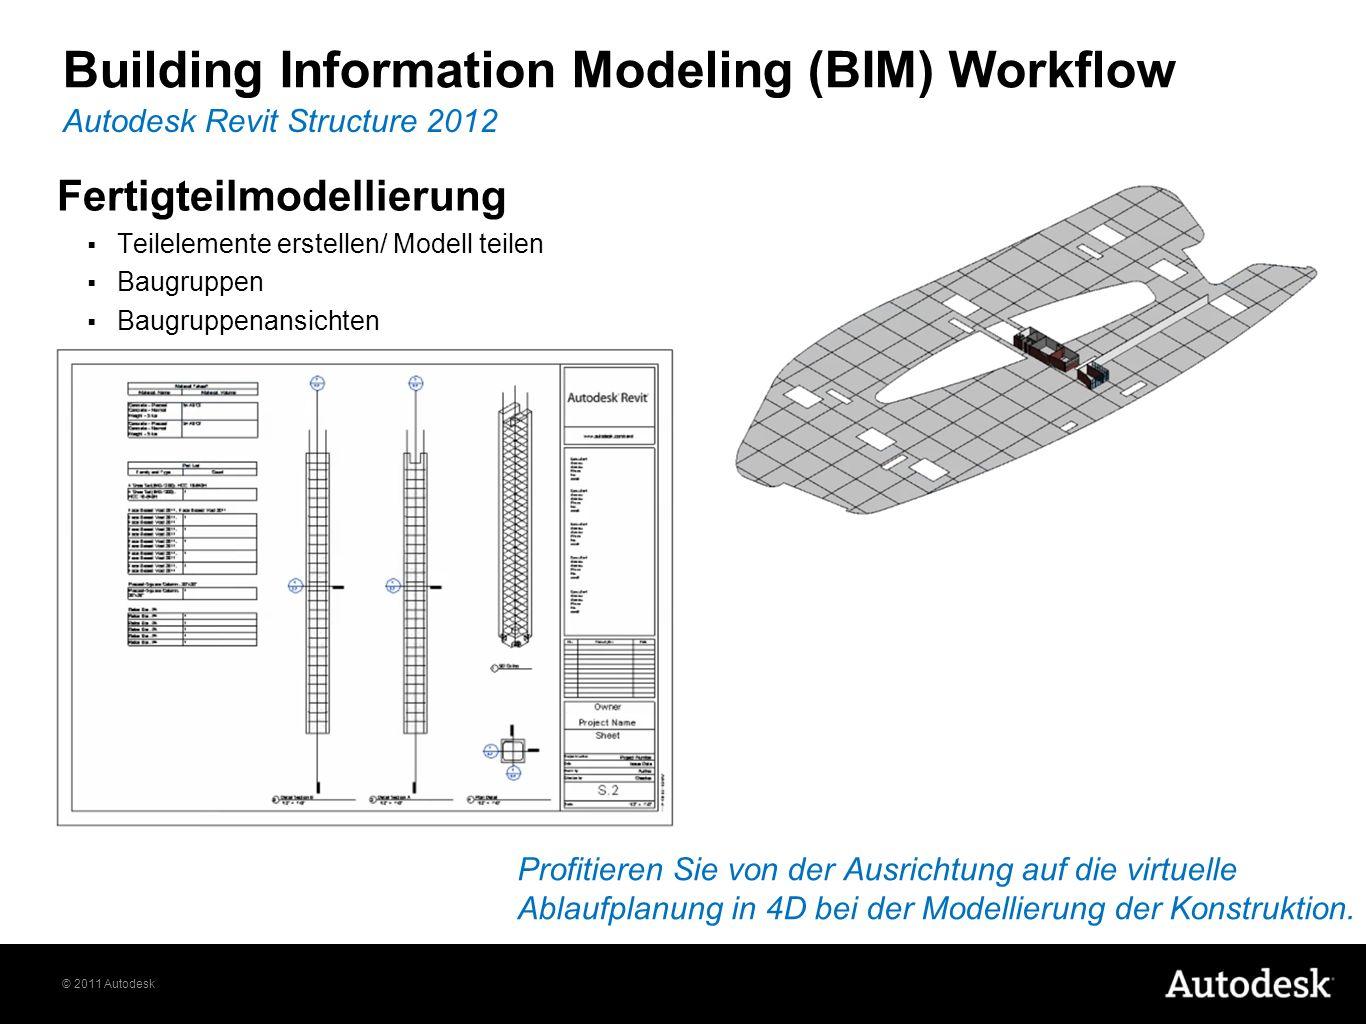 © 2011 Autodesk Fertigteilmodellierung Teilelemente erstellen/ Modell teilen Baugruppen Baugruppenansichten Autodesk Revit Structure 2012 Building Information Modeling (BIM) Workflow Profitieren Sie von der Ausrichtung auf die virtuelle Ablaufplanung in 4D bei der Modellierung der Konstruktion.